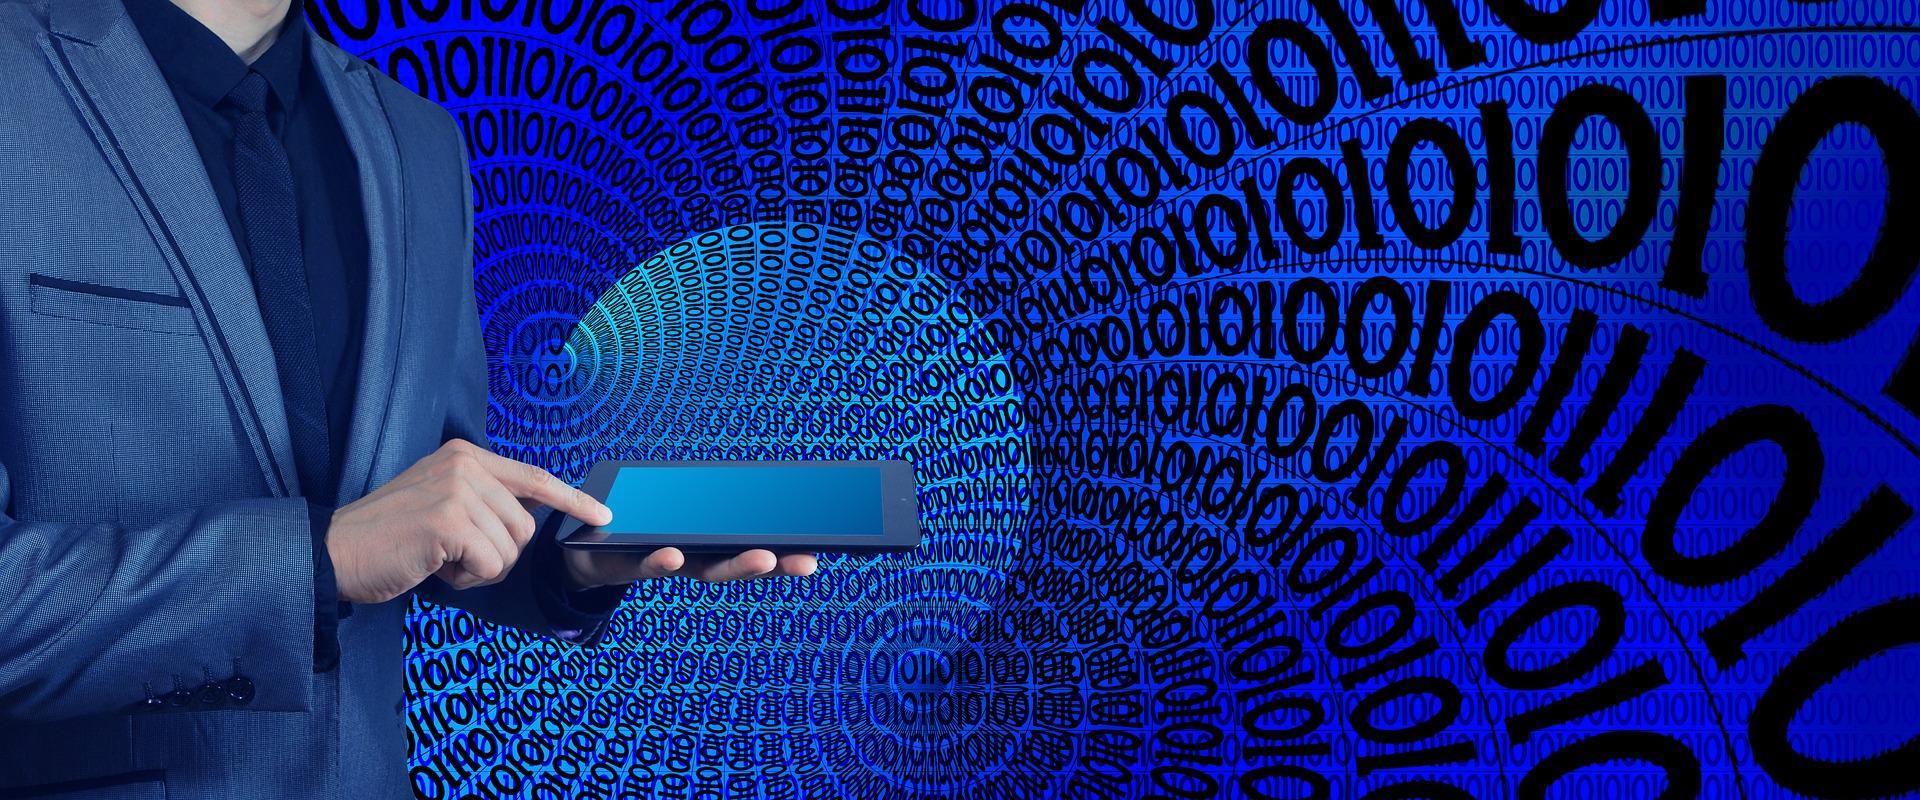 Anaxco Blog Beitrag Bild Netzwerk Mann mit Tablet Logistik-IT IT-Services IT-Dienstleistungen